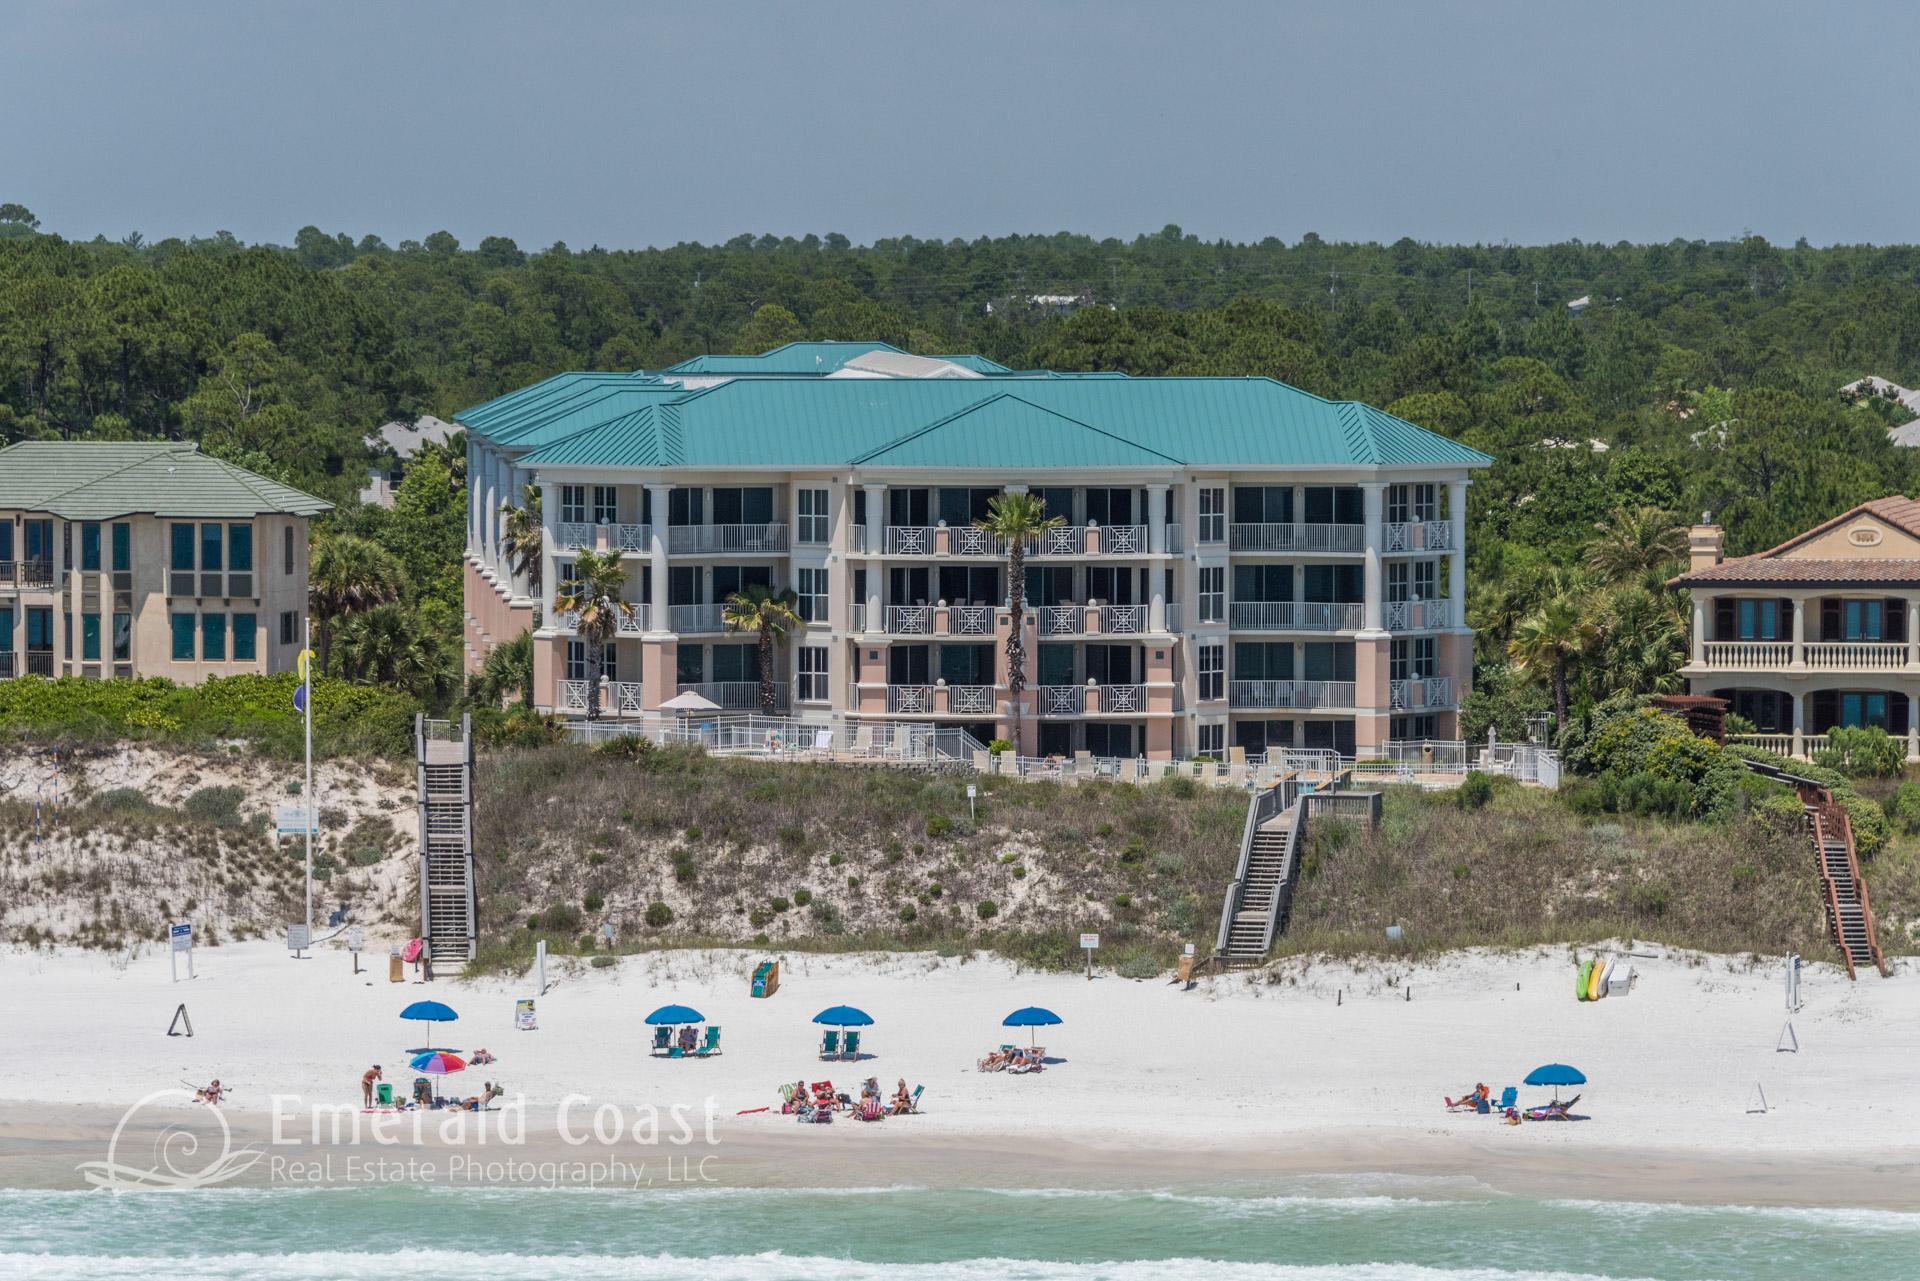 Inn at Blue Mountain Beach aerial photo